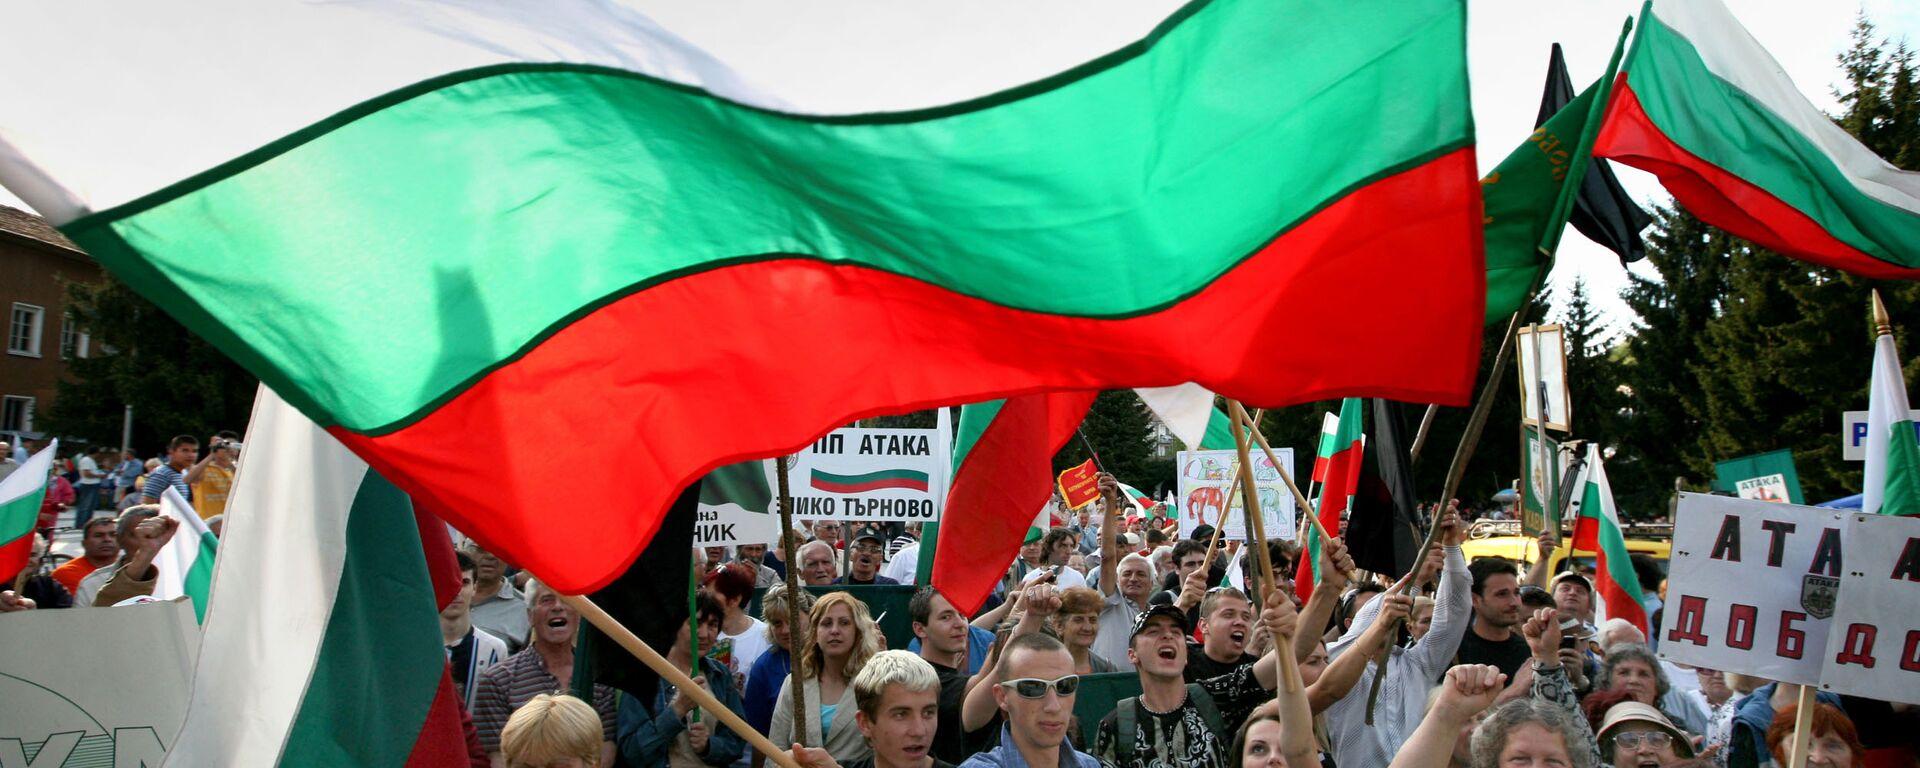 Бугарска застава - Sputnik Србија, 1920, 12.10.2021